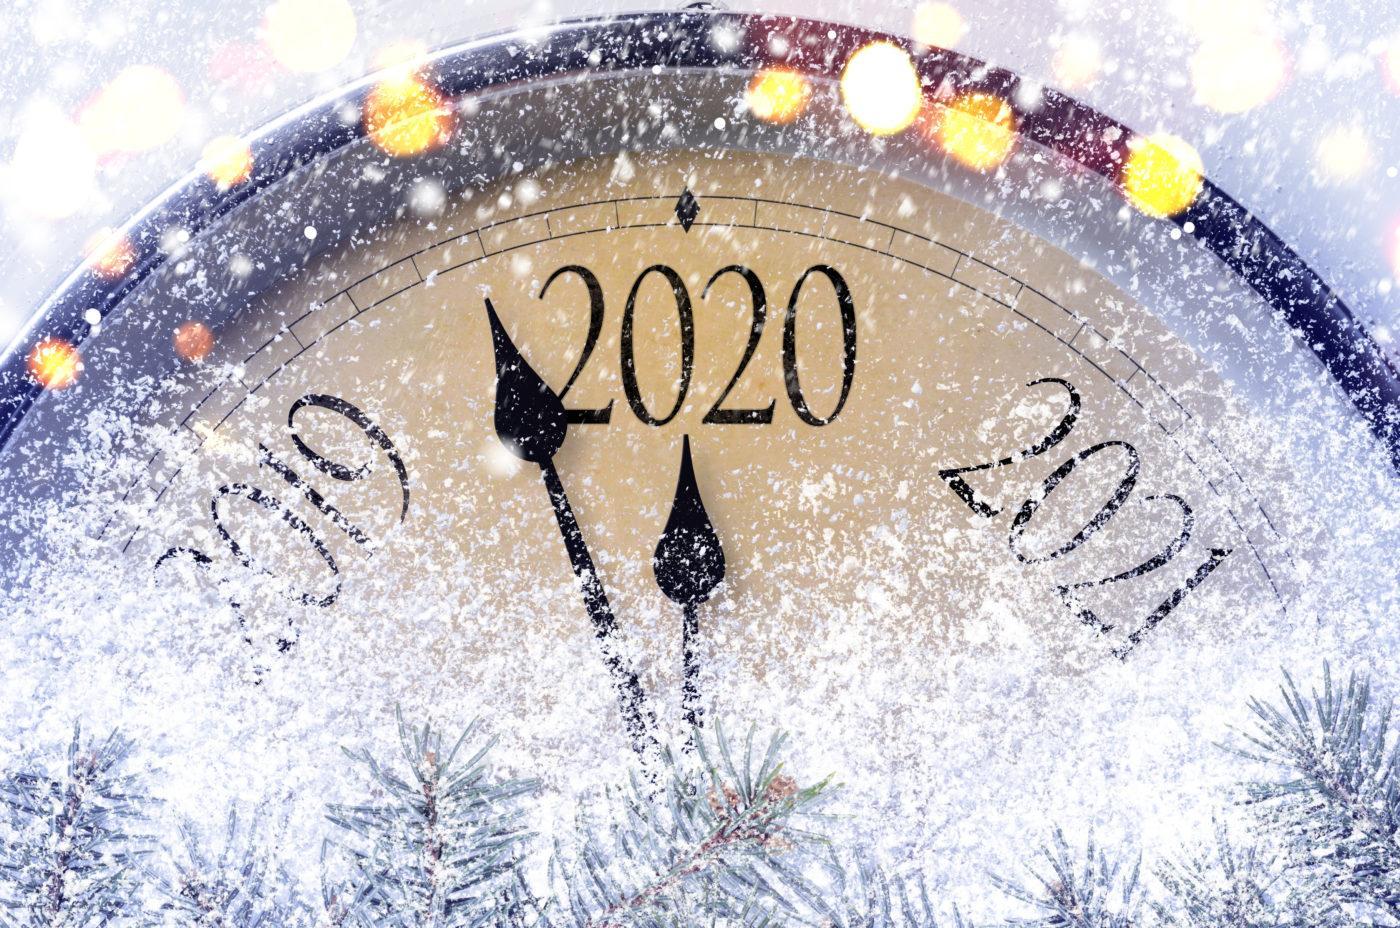 La symbolique chiffrée de 2020